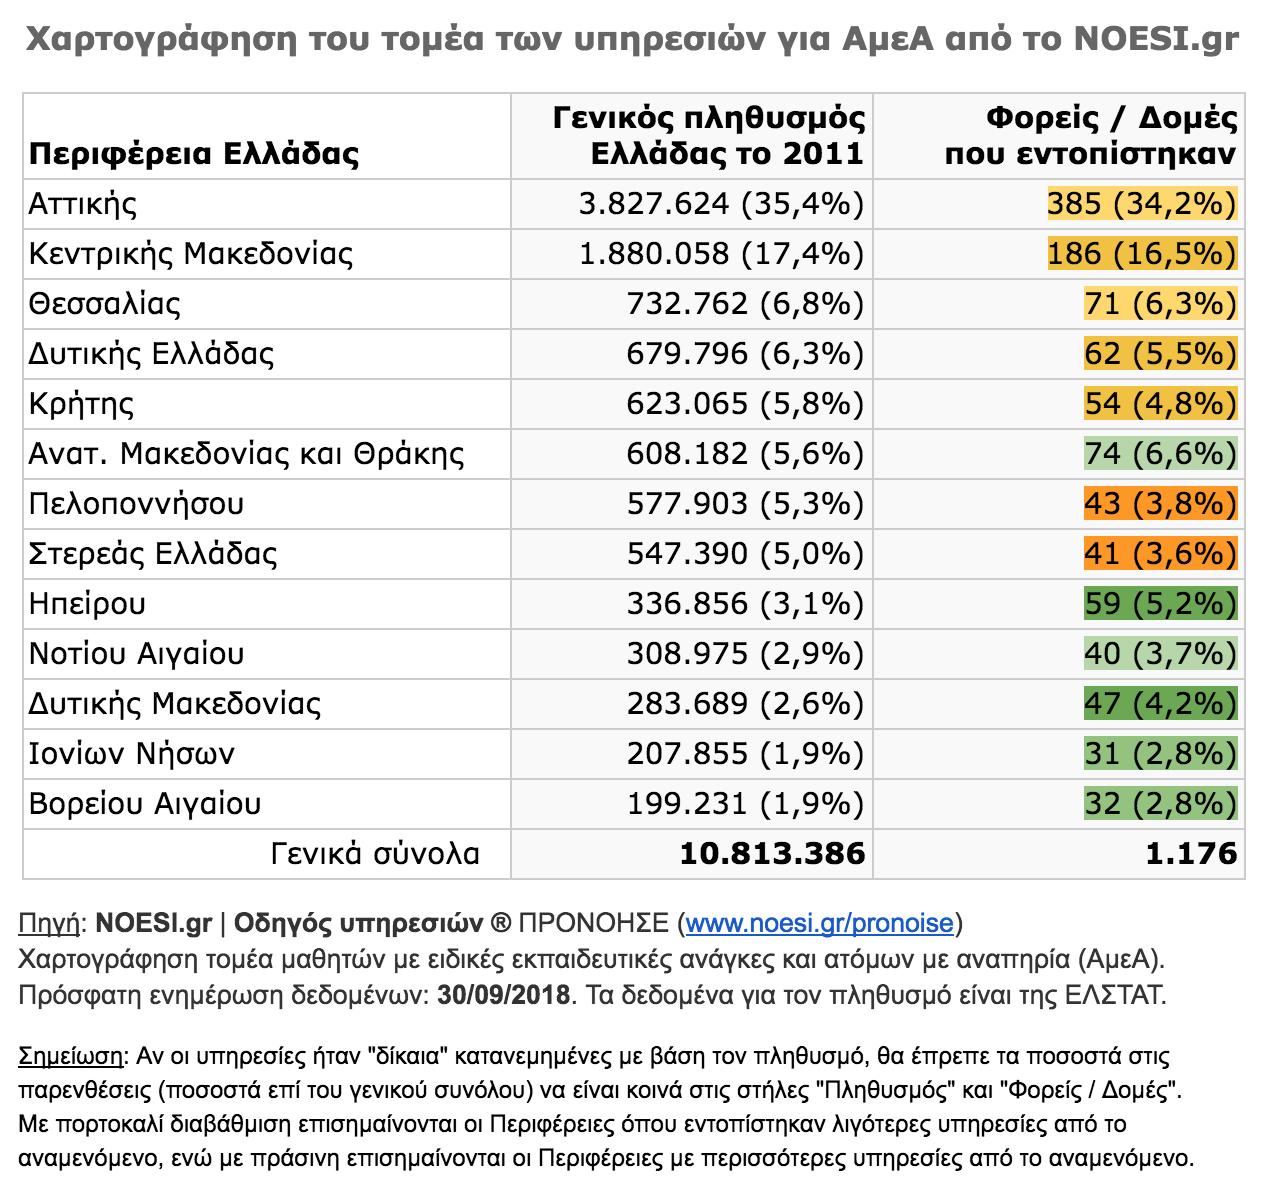 Διασπορά υπηρεσιών για ΑμεΑ και μαθητές με ειδικές εκπαιδευτικές ανάγκες ανά Περιφέρεια της Ελλάδας, με βάση την καταγραφή από το NOESI.gr - Ενημέρωση 30/09/2018.